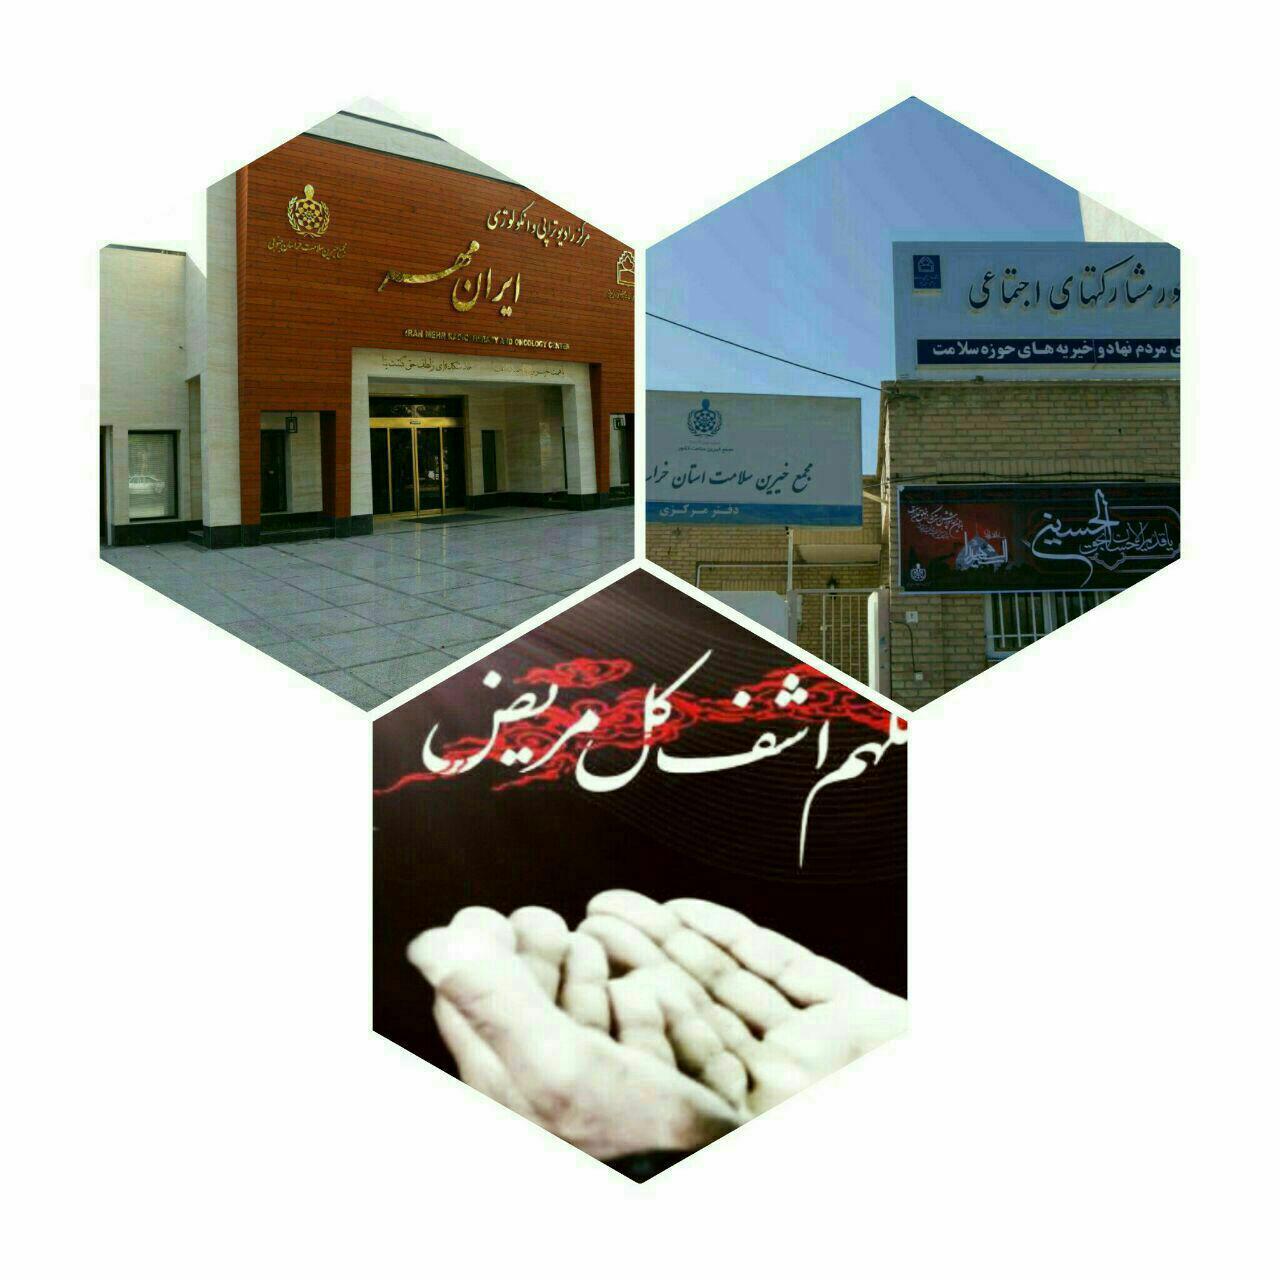 کمک خیر نیکوکار به بیمارستان ایران مهر